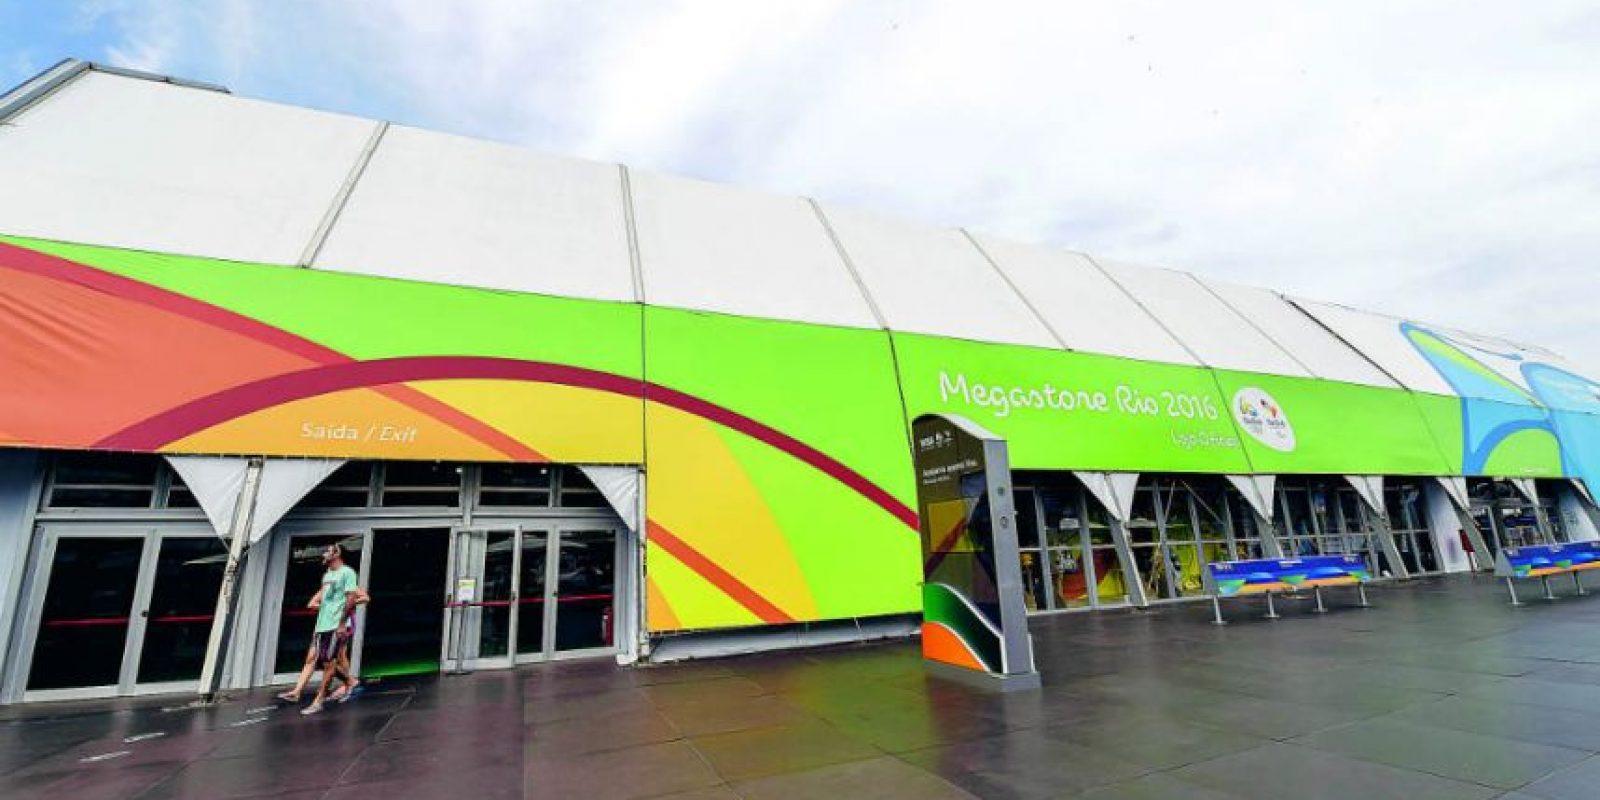 Con más de tres mil productos con licencia, la tienda oficial de los Juegos se montó en las playas de Copacabana. Foto:BRUNA PRADO / METRO RIO. Imagen Por: